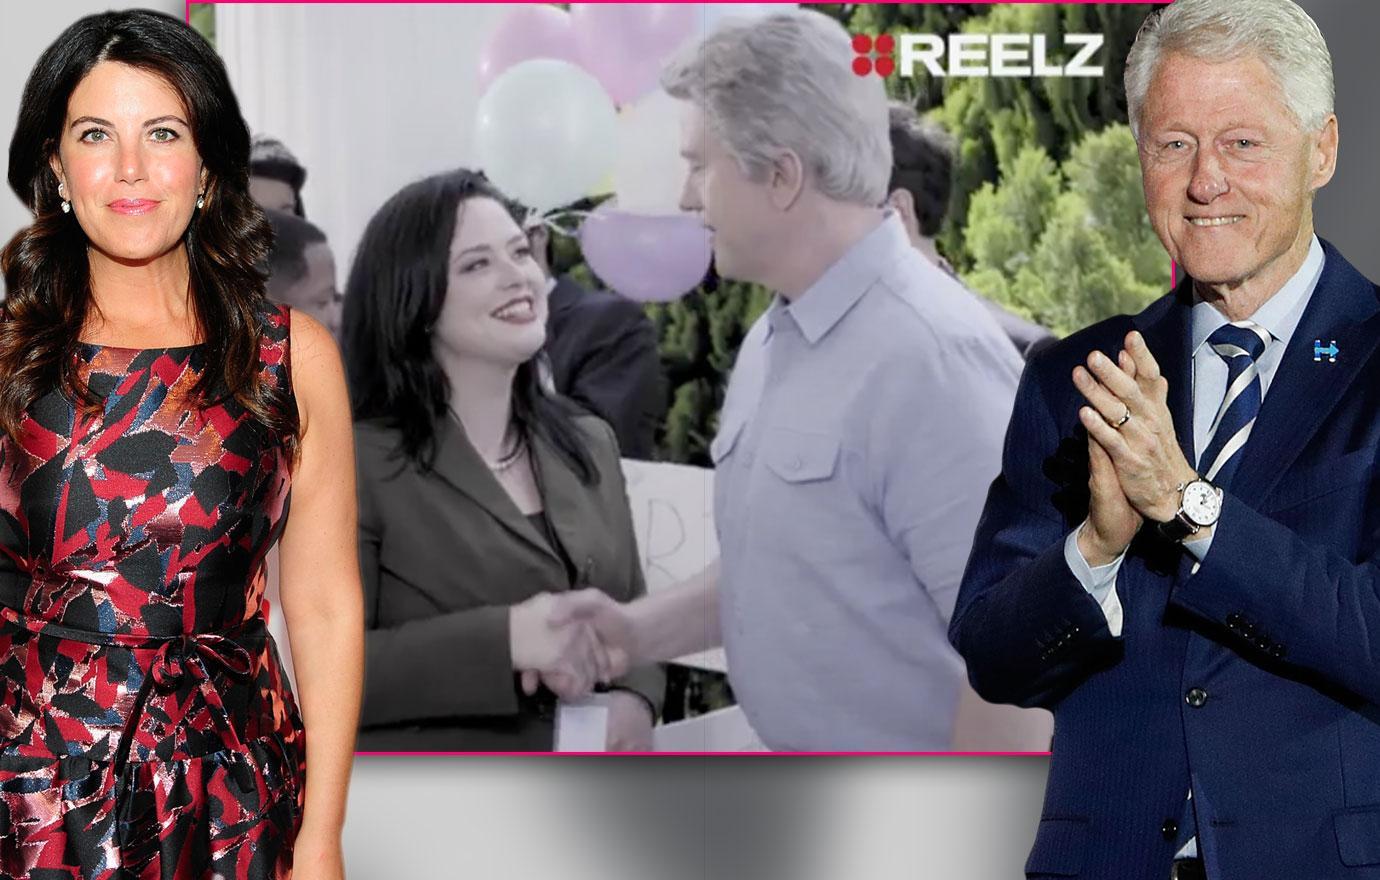 monica Lewinsky bill Clinton affair video